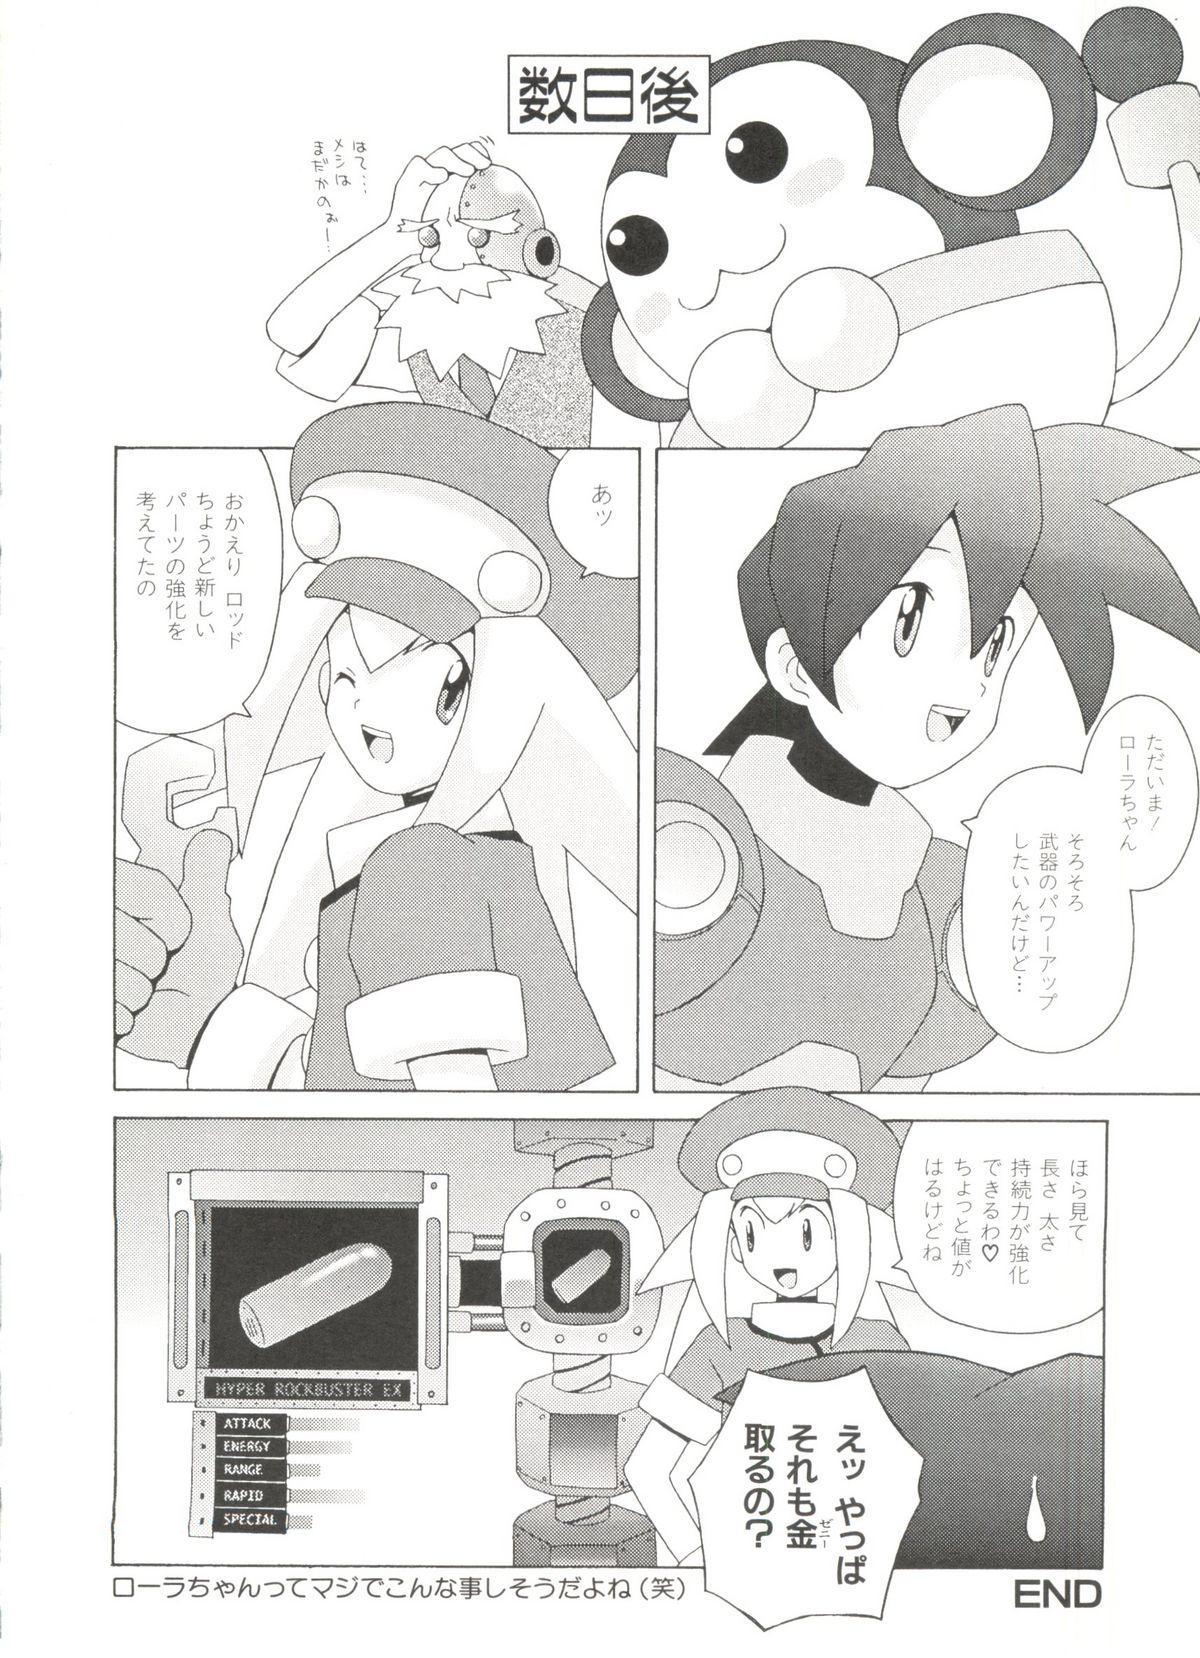 Denei Tamate Bako Bishoujo Doujinshi Anthology Vol. 2 - Nishinhou no Tenshi 55